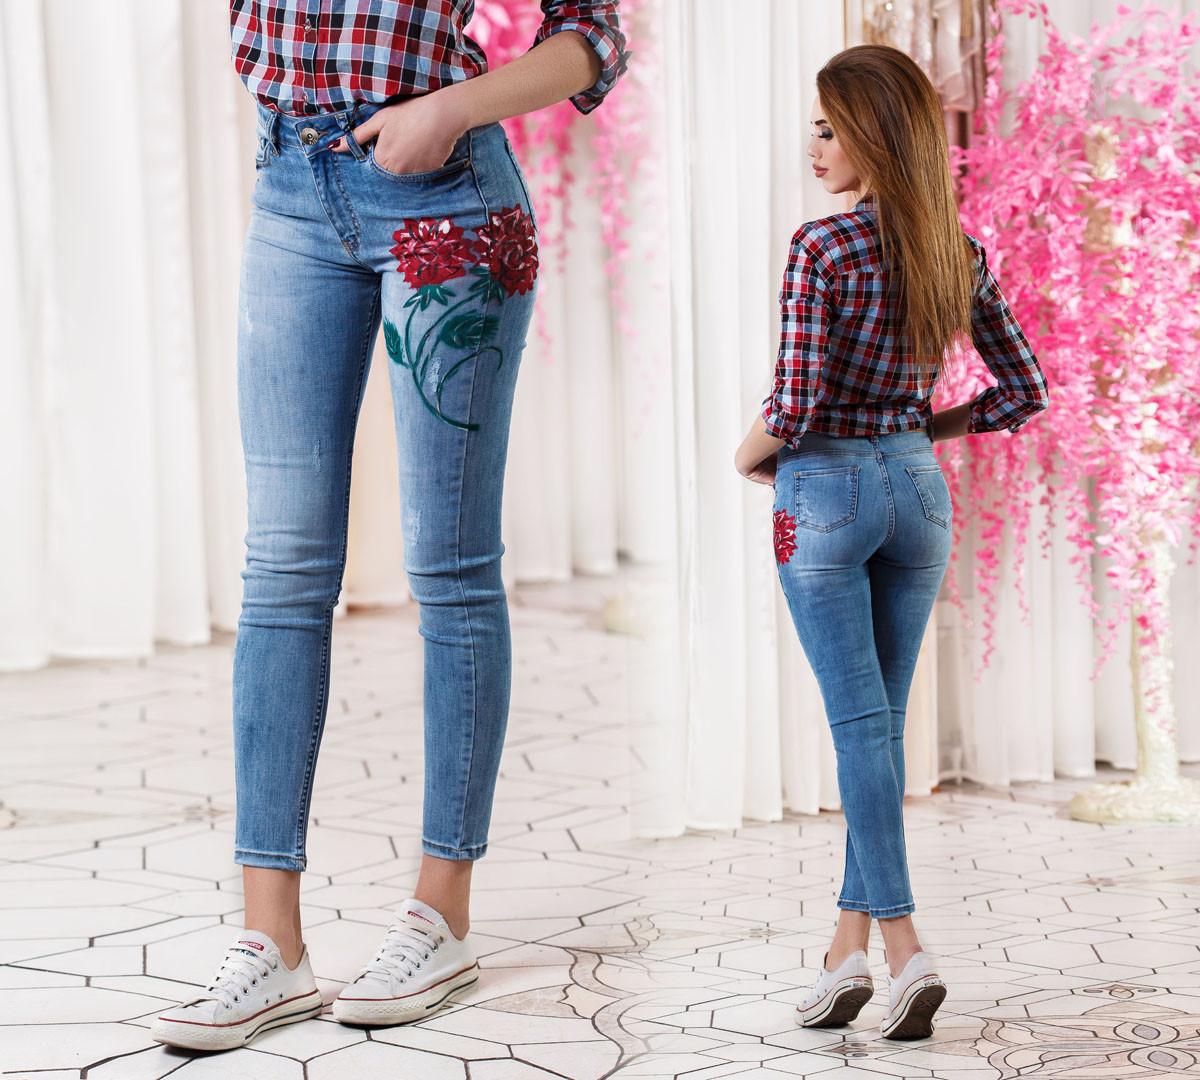 ДТ0620 Стильные облегающие джинсы